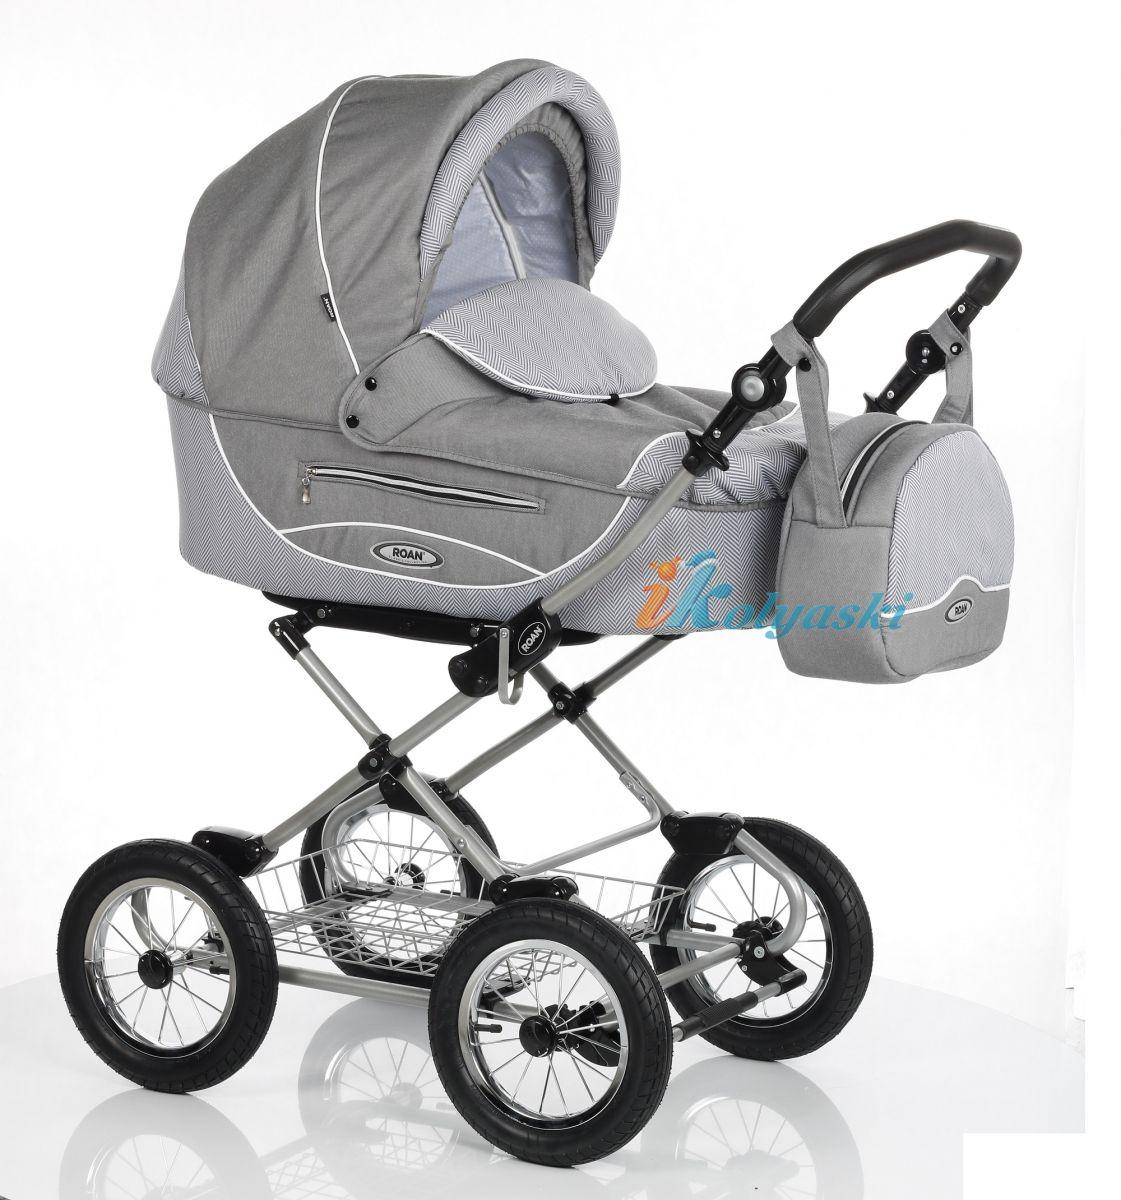 Детская коляска Roan Kortina Luxe Роан Кортина люкс 2018 спальная люлька 3 в 1 , коляска для новорожденных, коляска зима-лето.  roan kortina, roan cortina, Детская коляска Roan Kortina Luxe, коляска Роан Кортина люкс 2018, коляска спальная, коляска  люлька, коляска 3 в 1, коляска для новорожденных, роан кортина, коляска роан кортина, коляска roan cortina, цвет E-51